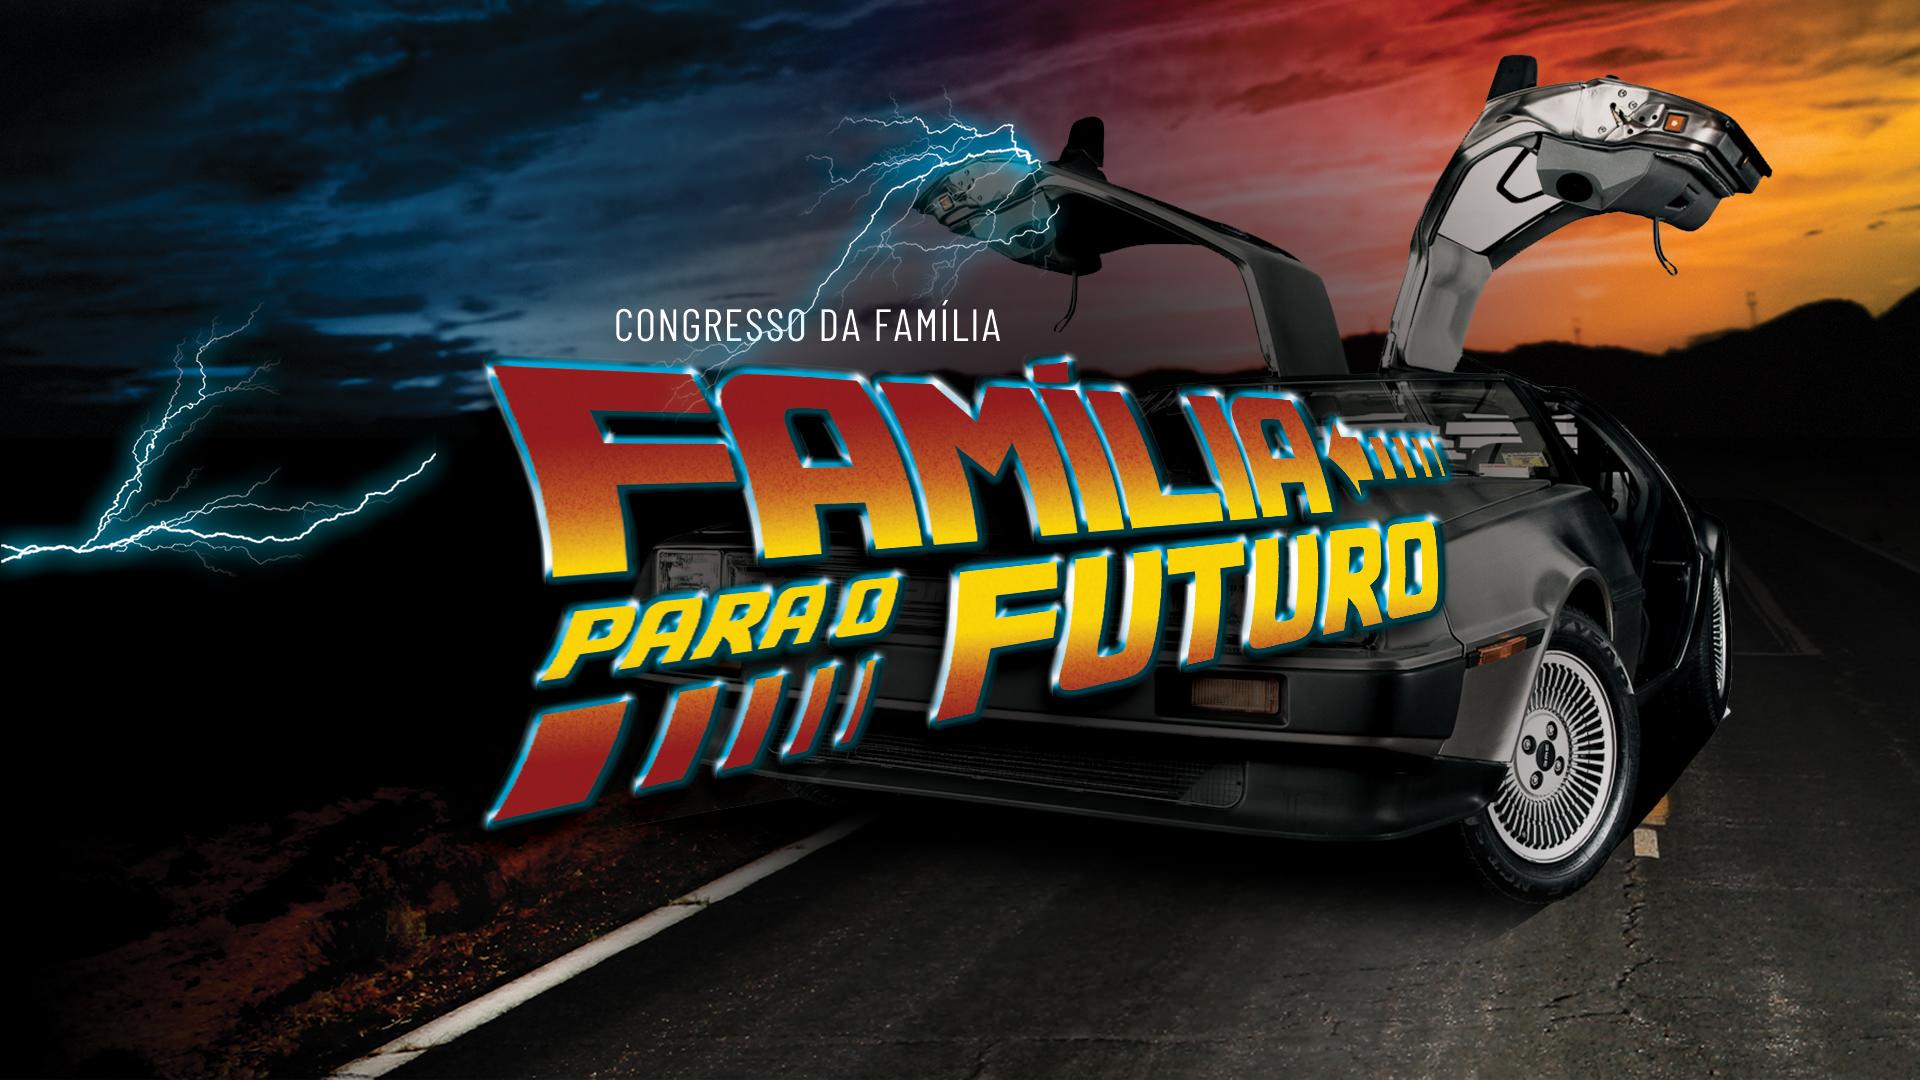 Congresso-Familia-1920x1080px-041219